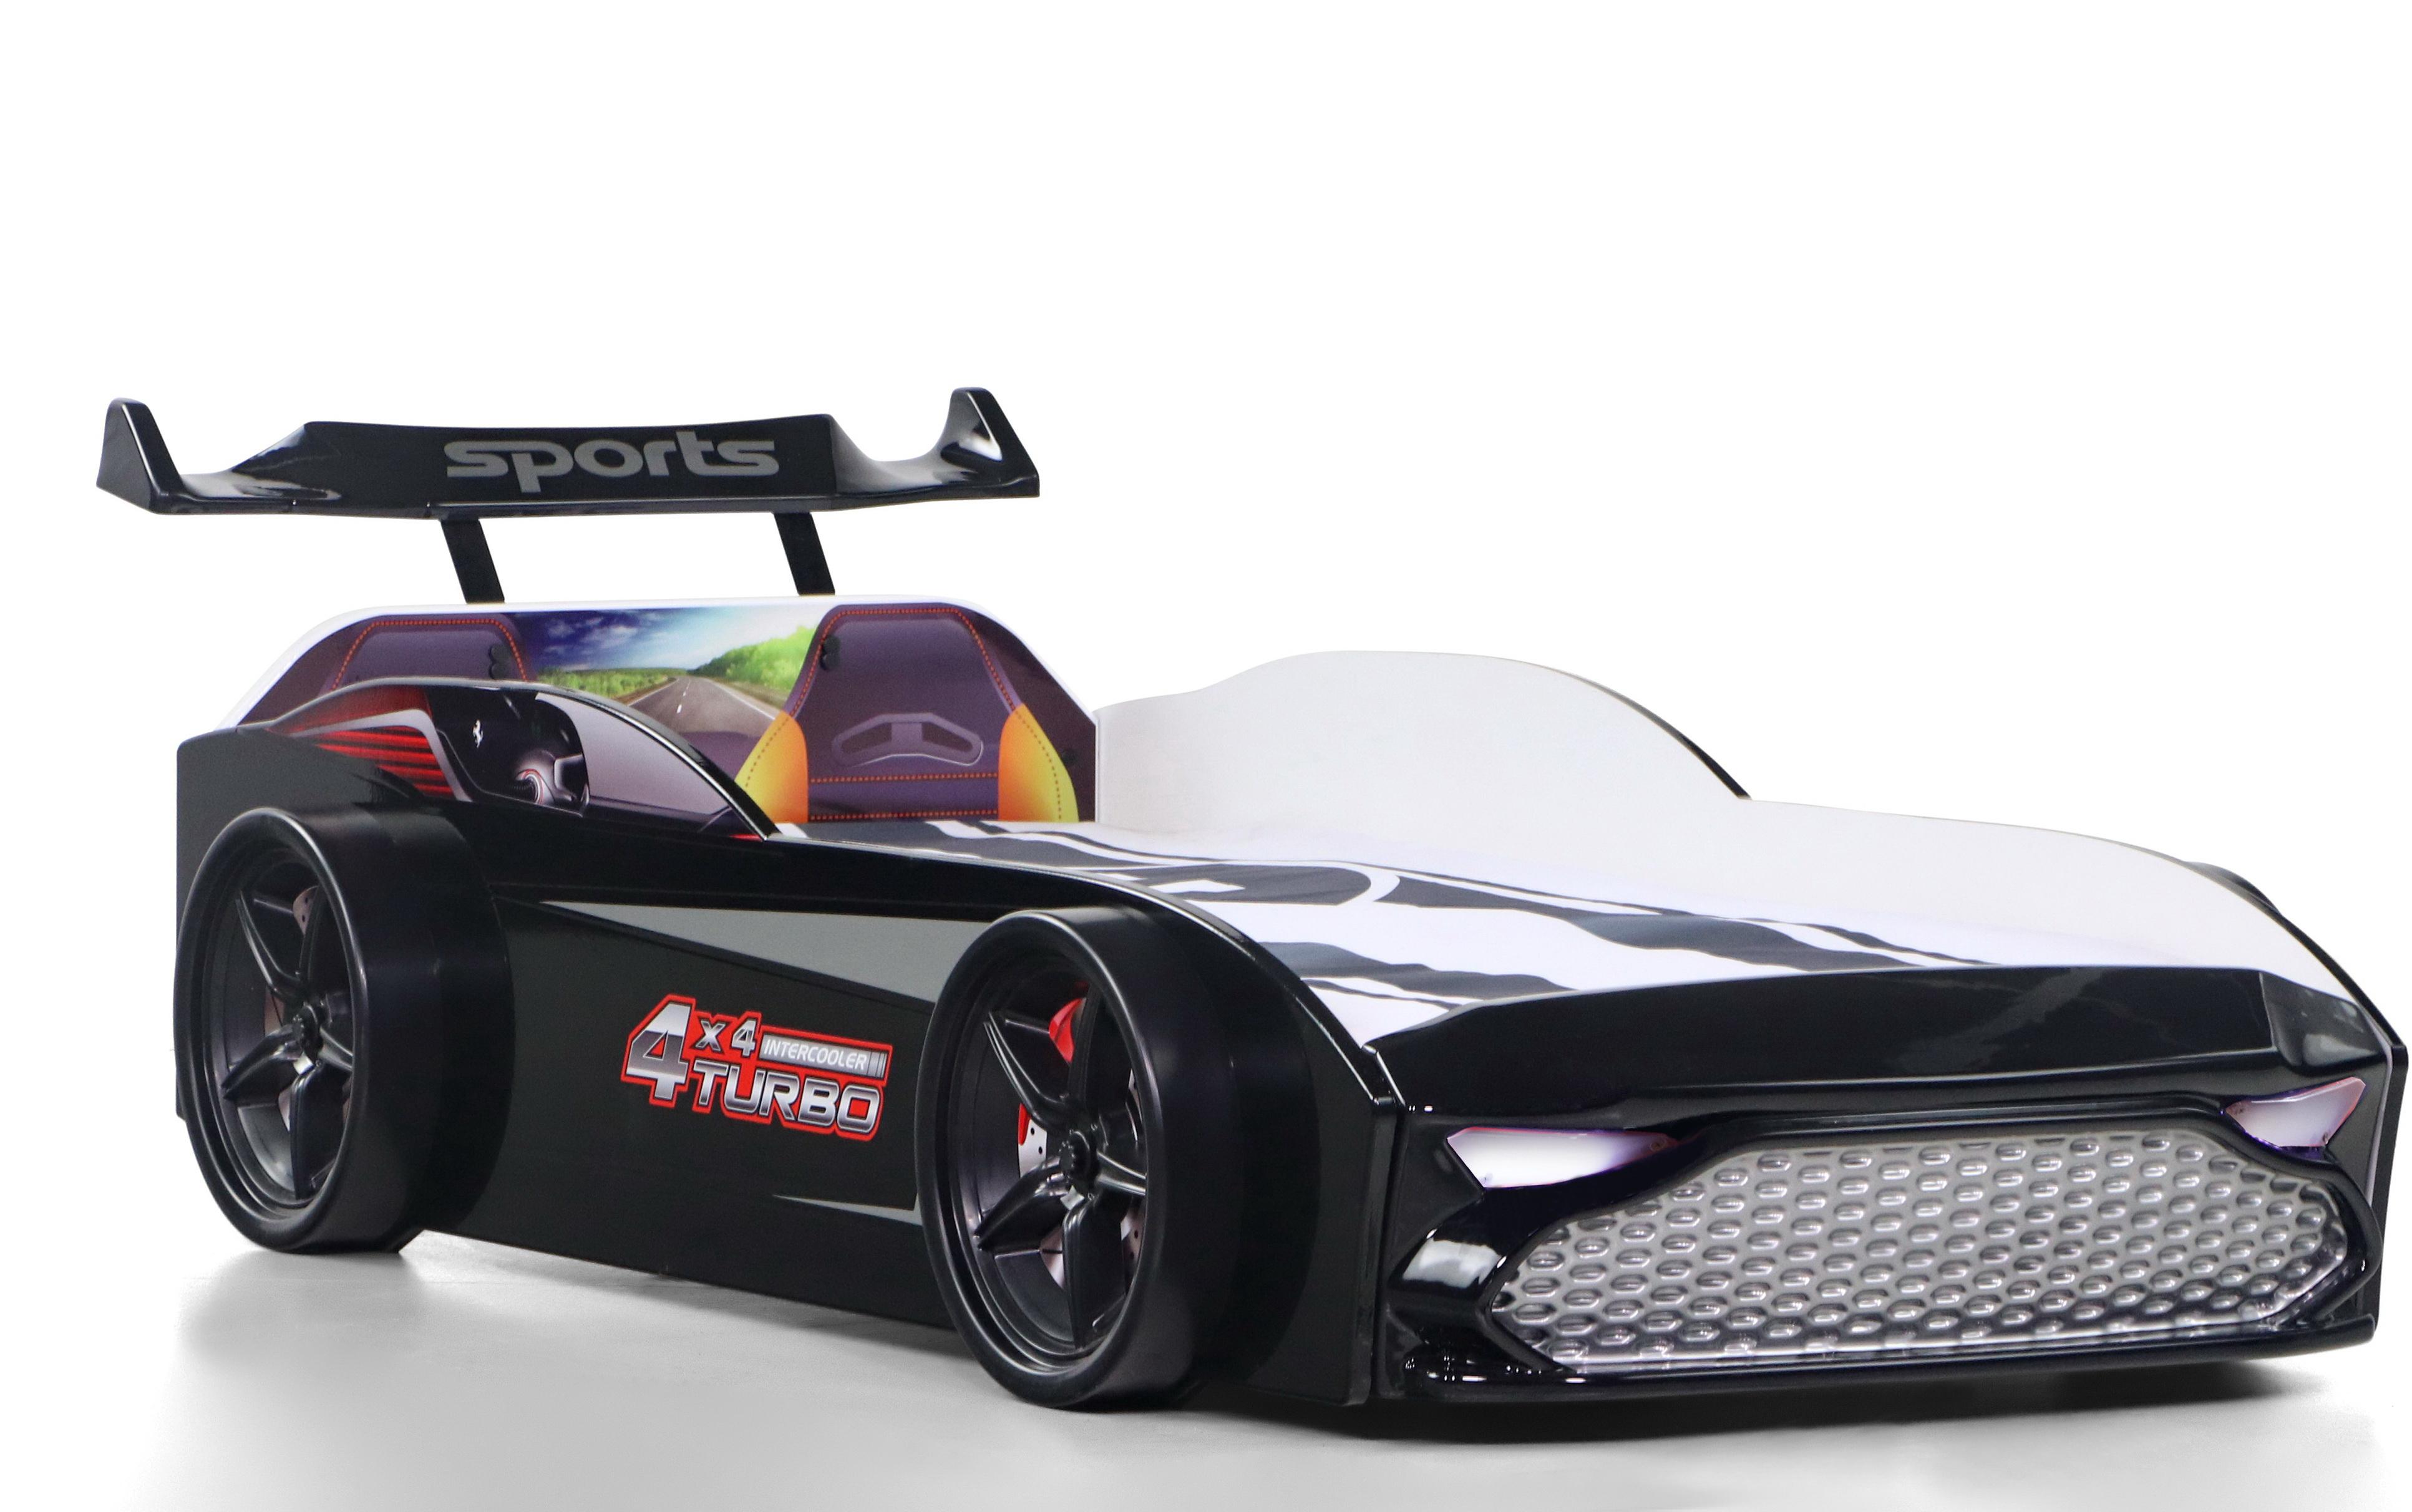 Kinder Autobett GT18 Turbo 4x4 in Schwarz